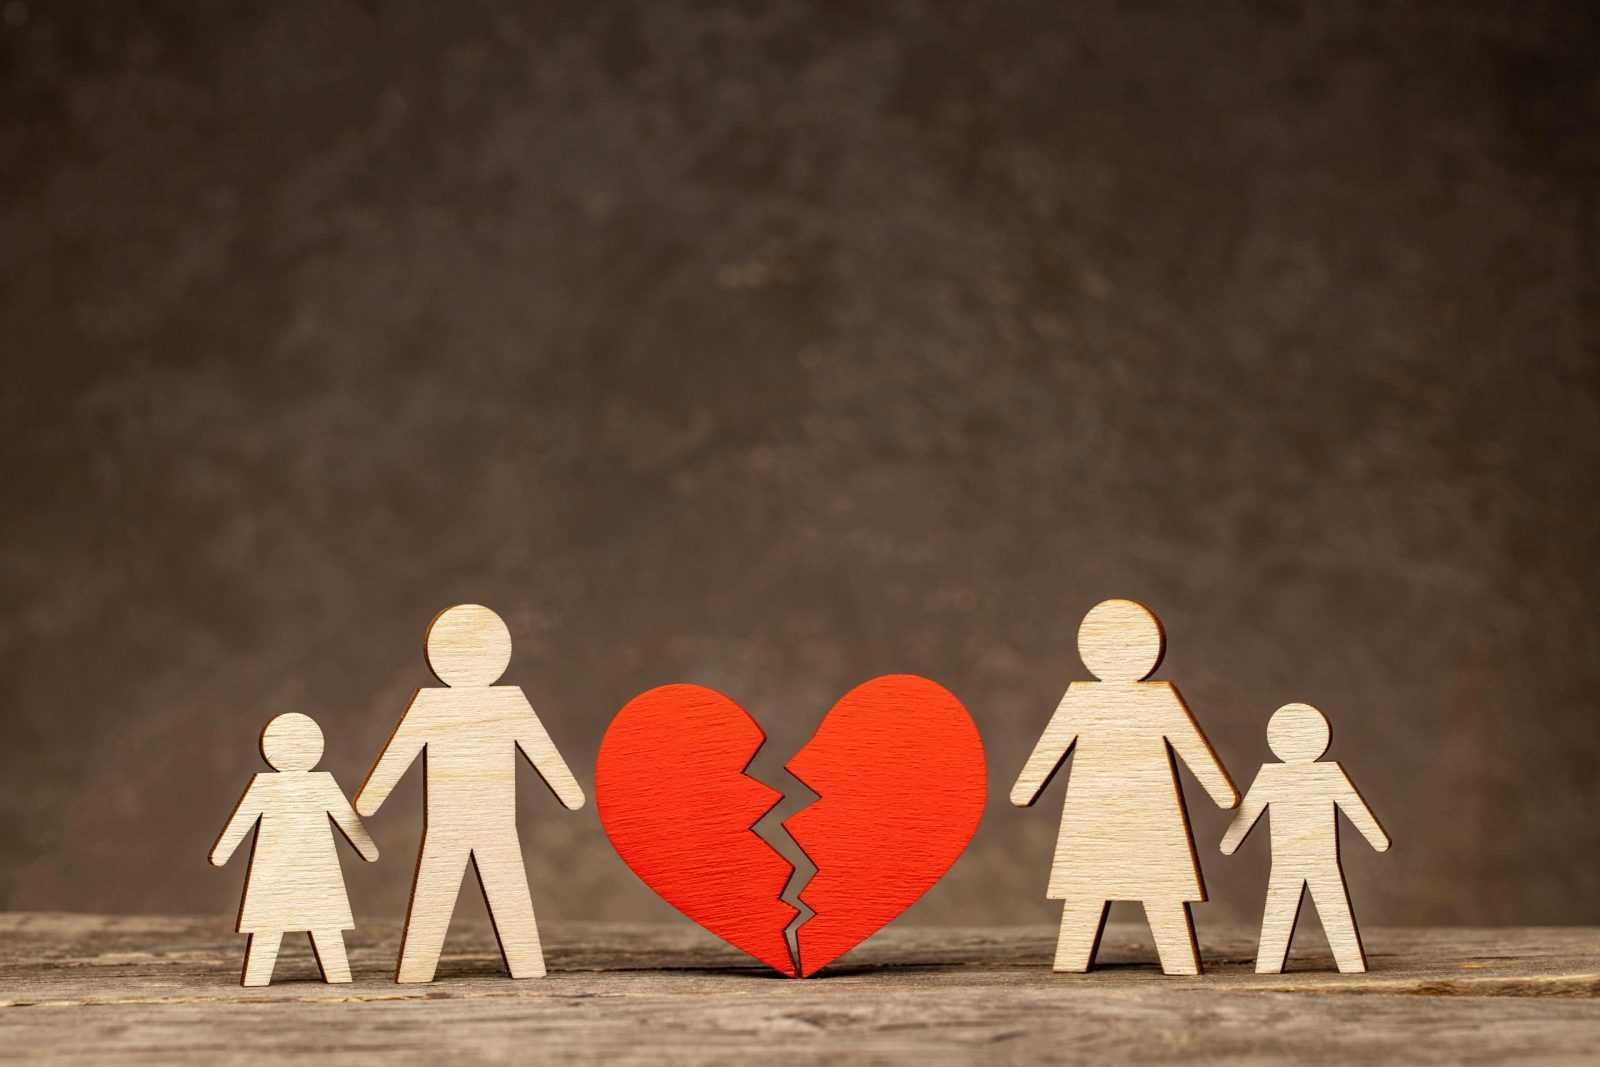 גירושין והשפעתם על הקשר הורה-ילד